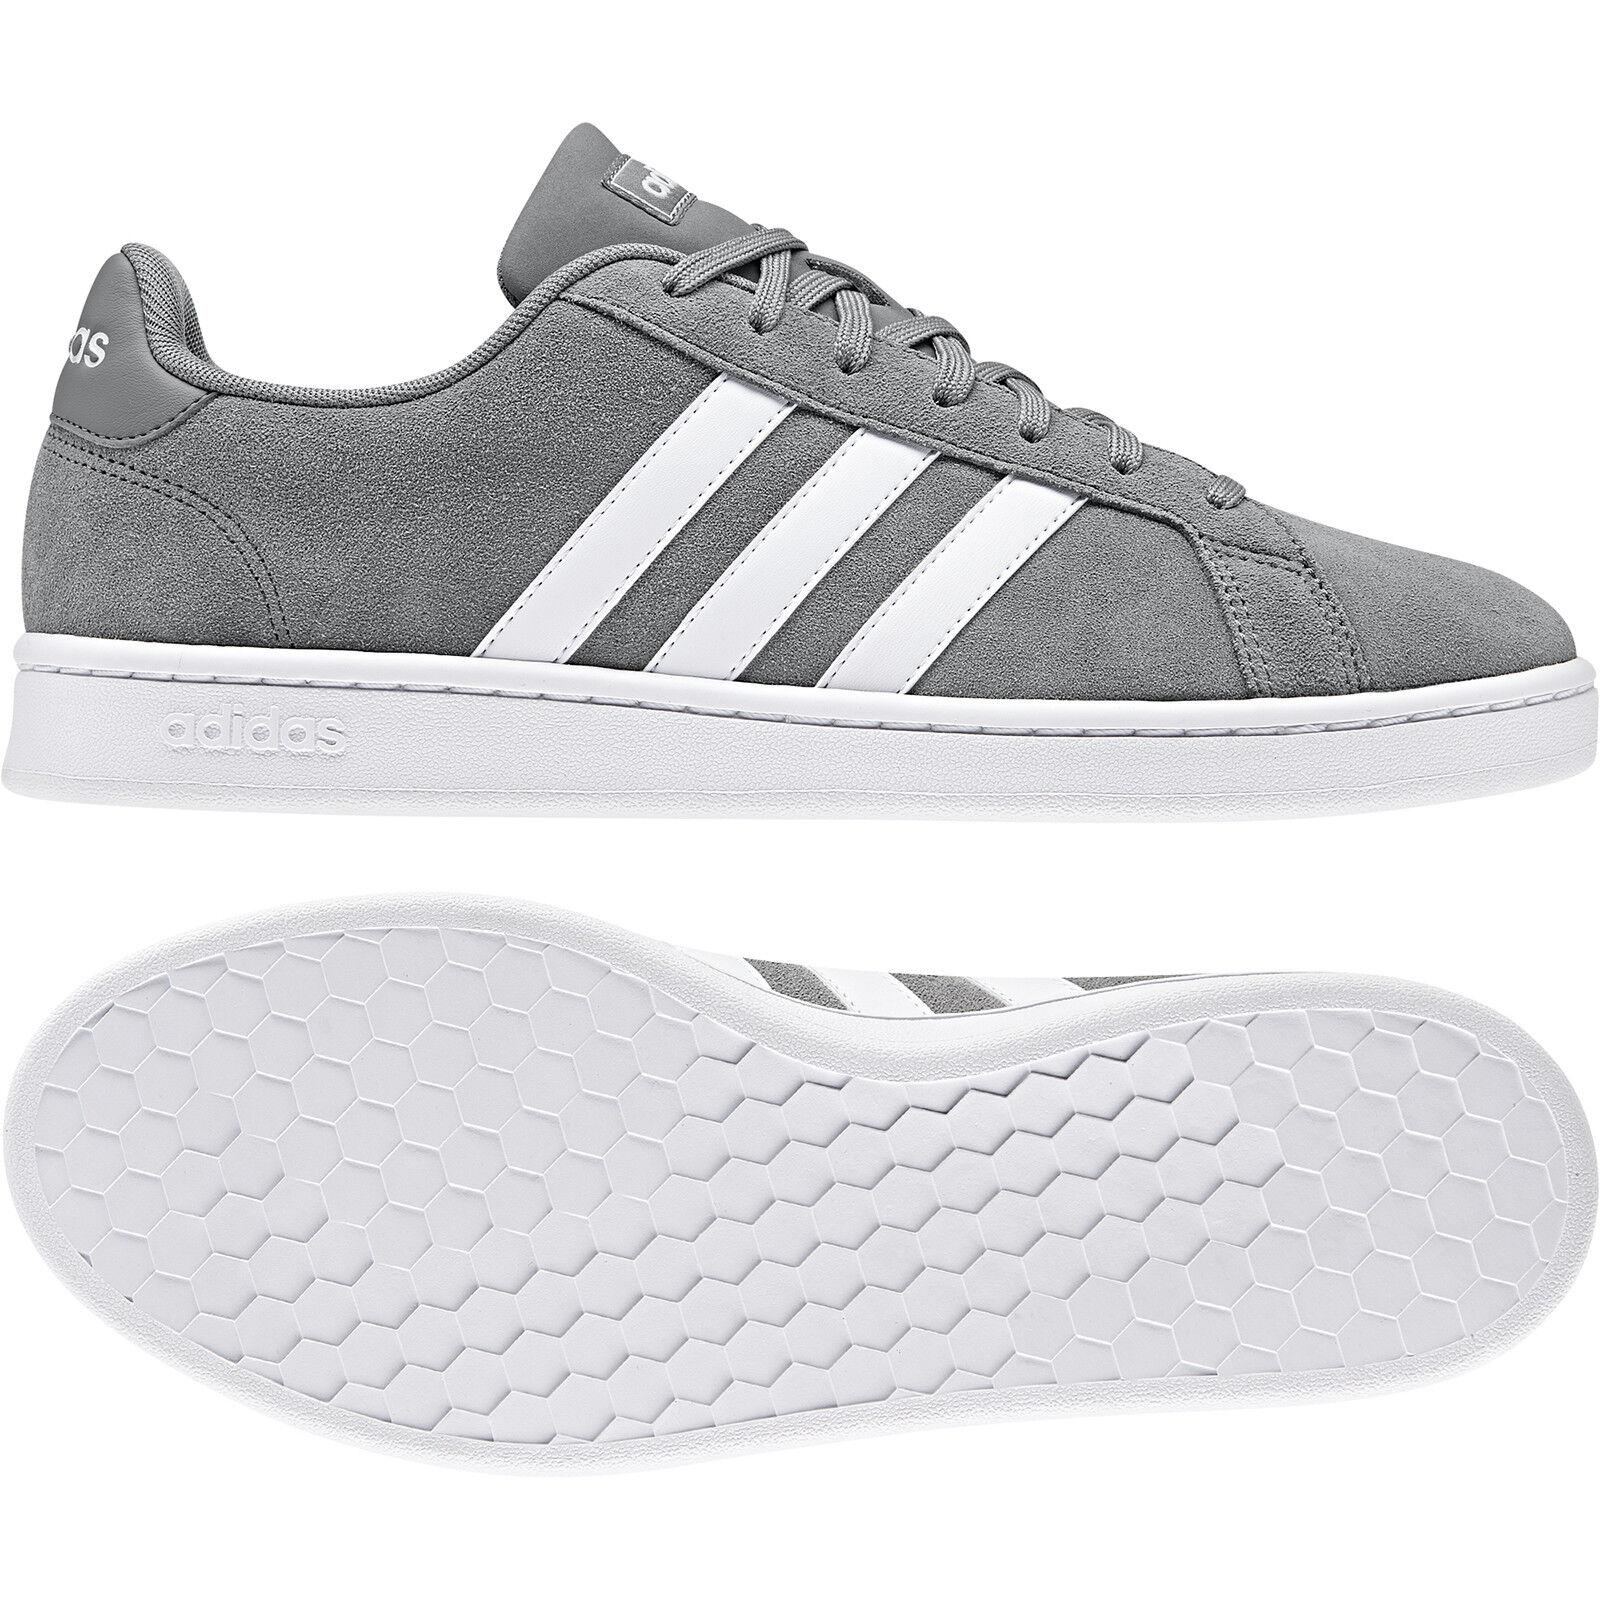 Adidas neo Herren Schnürschuh Turnschuhe GRAND COURT grau weiß (F36412)